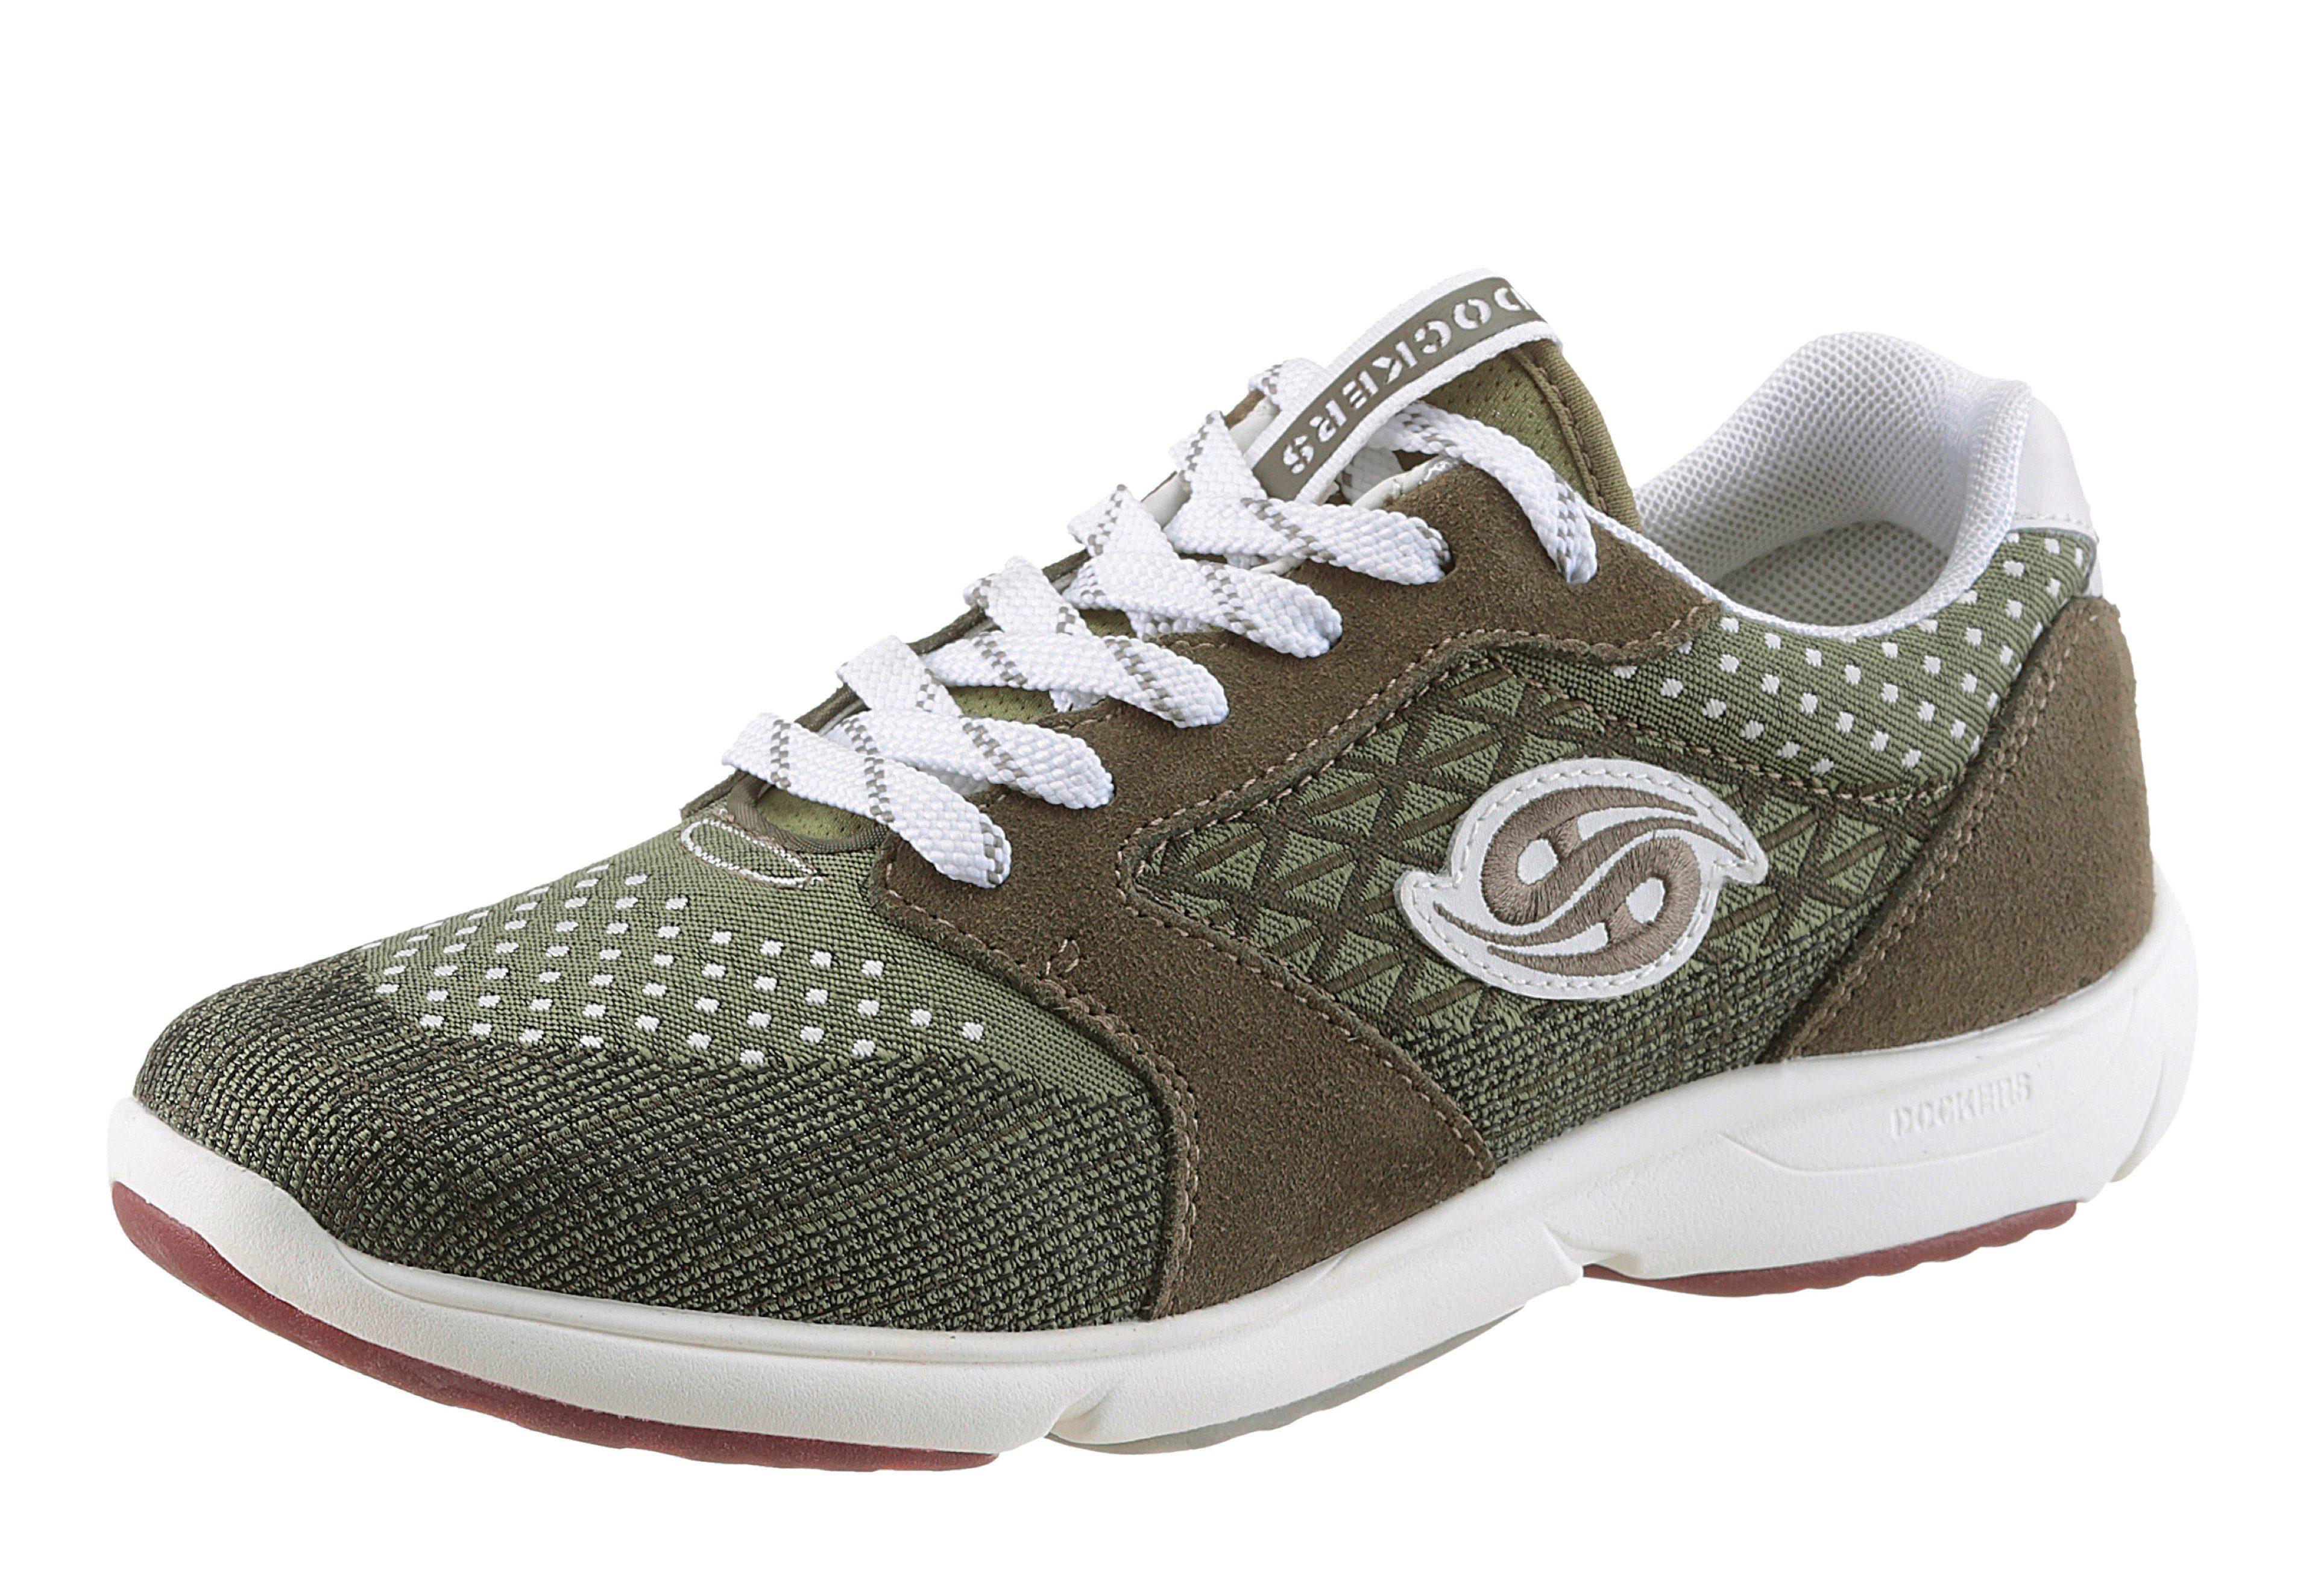 Dockers by Gerli Sneaker online kaufen  moosgrün